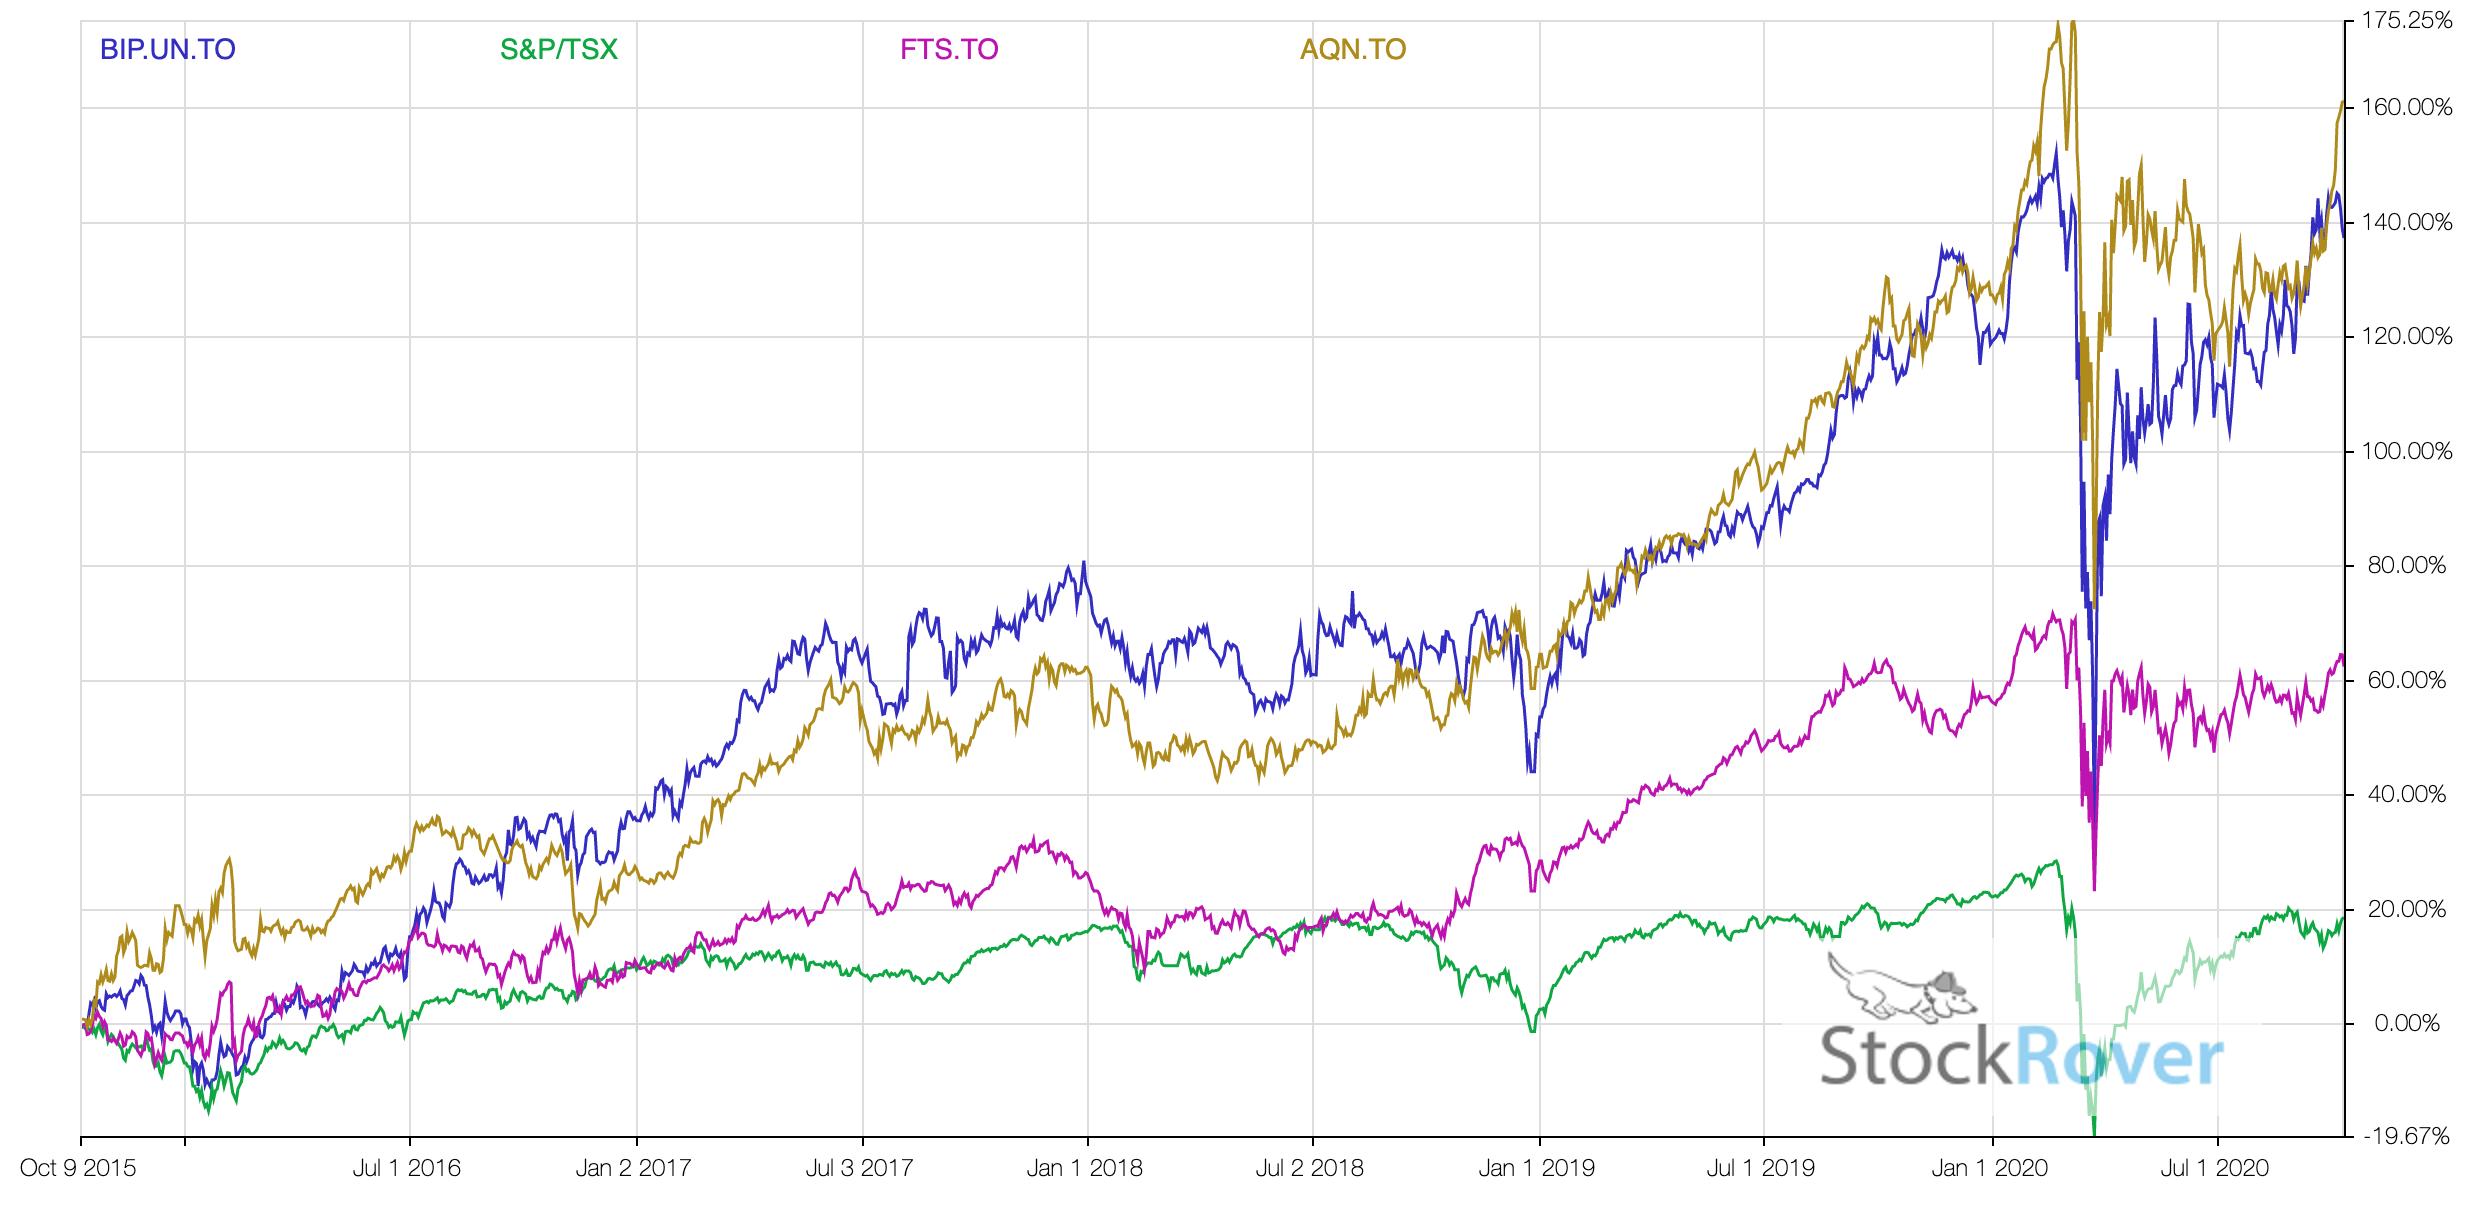 Utility Stocks Comparison